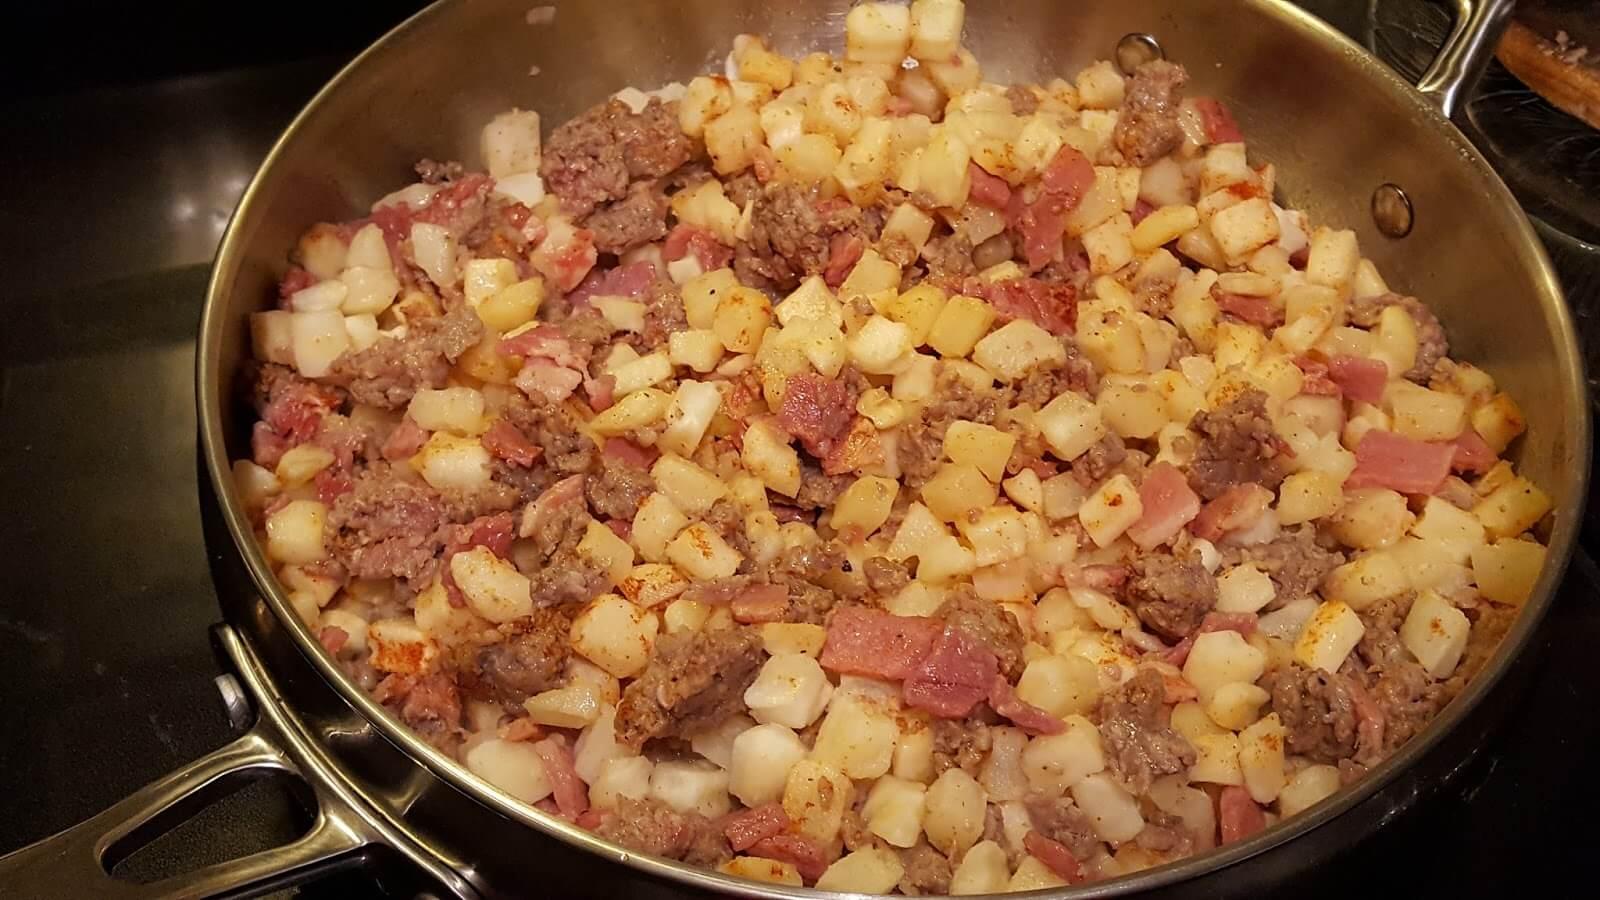 Breakfast skillet recipes